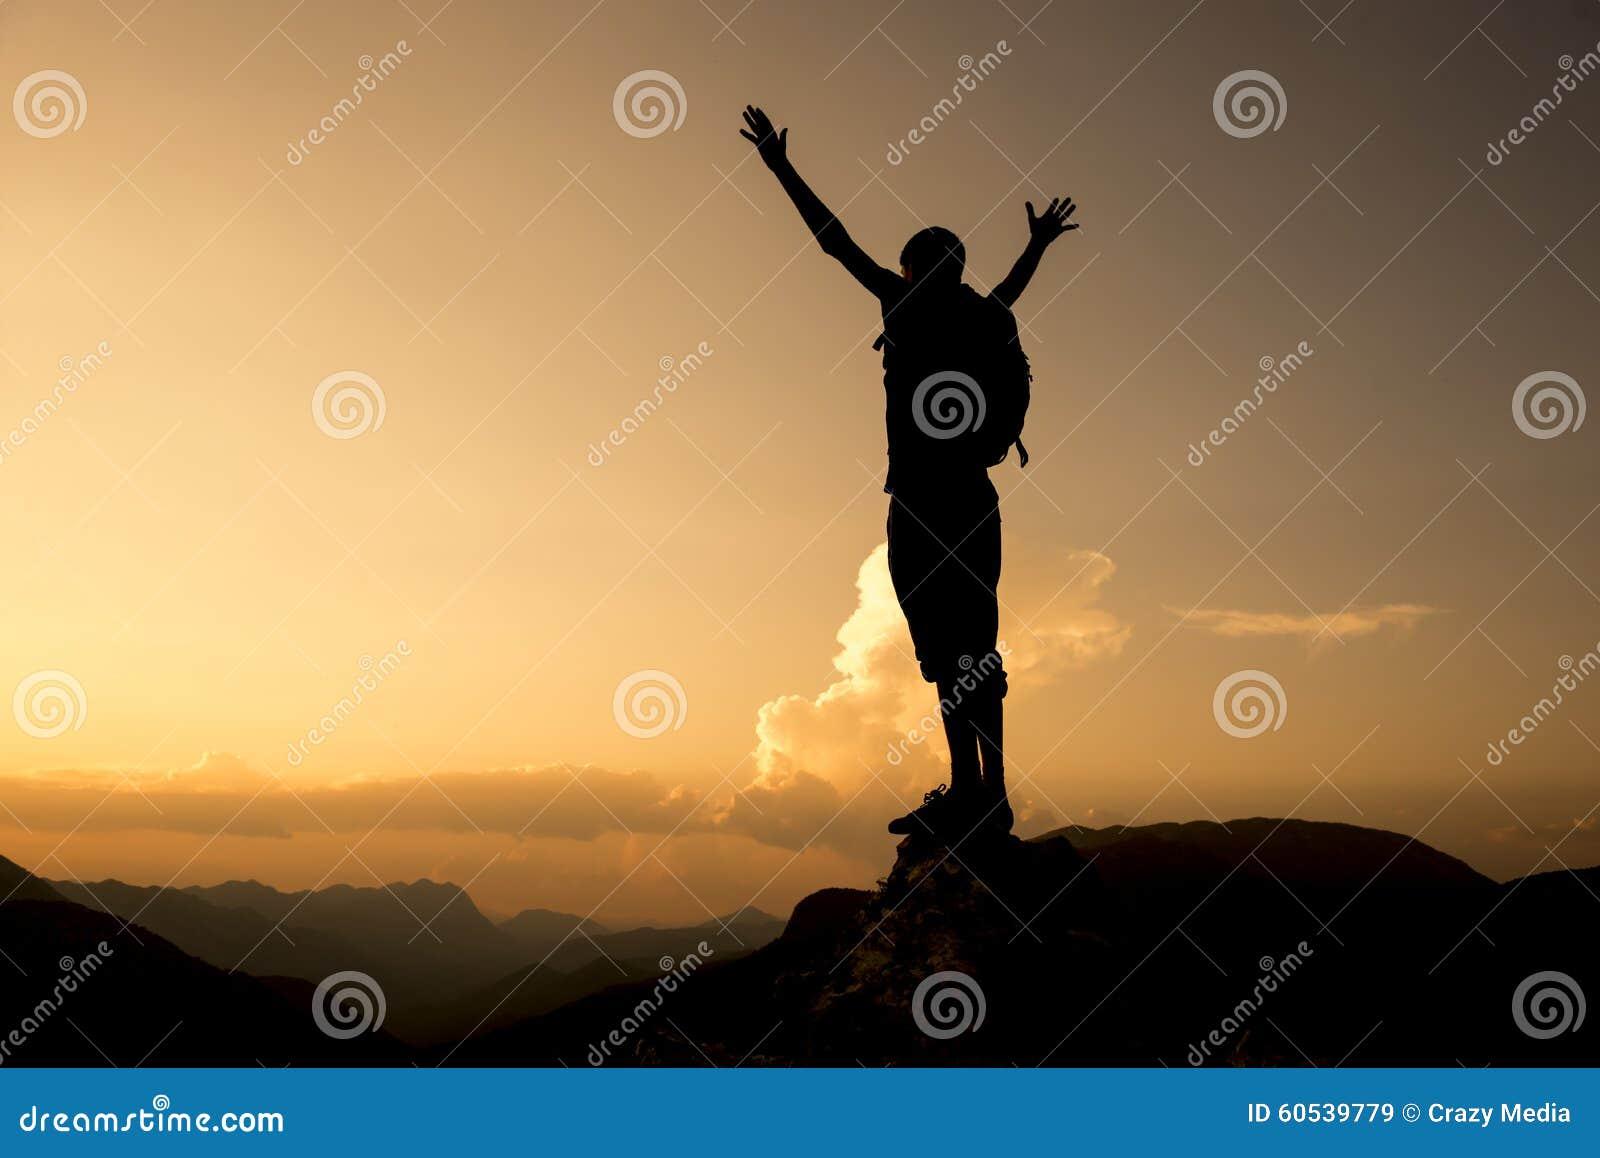 Framgång och entusiasm